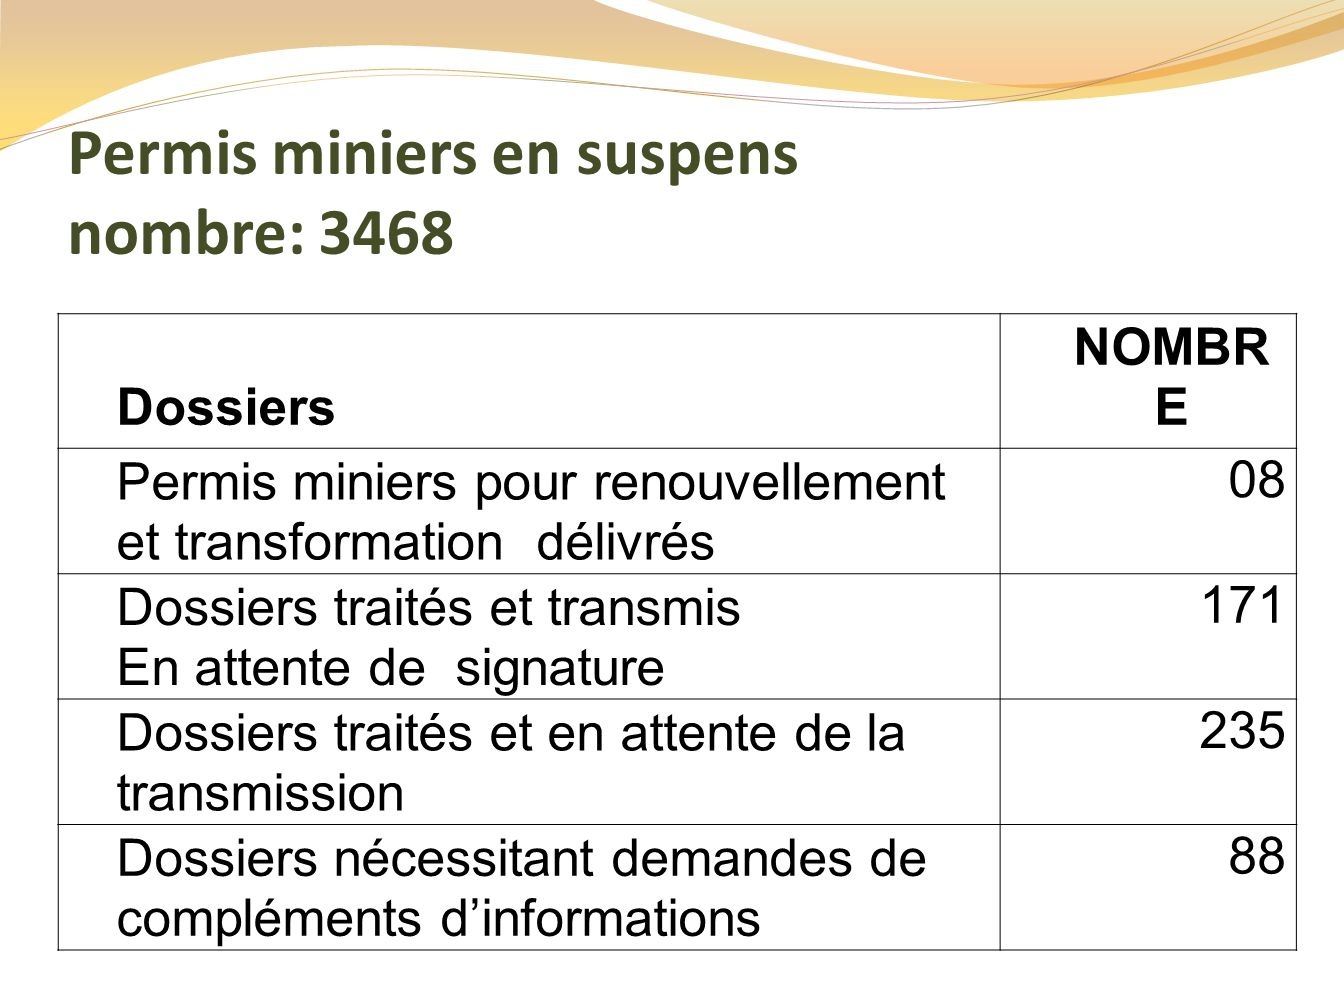 Permis miniers en suspens nombre: 3468